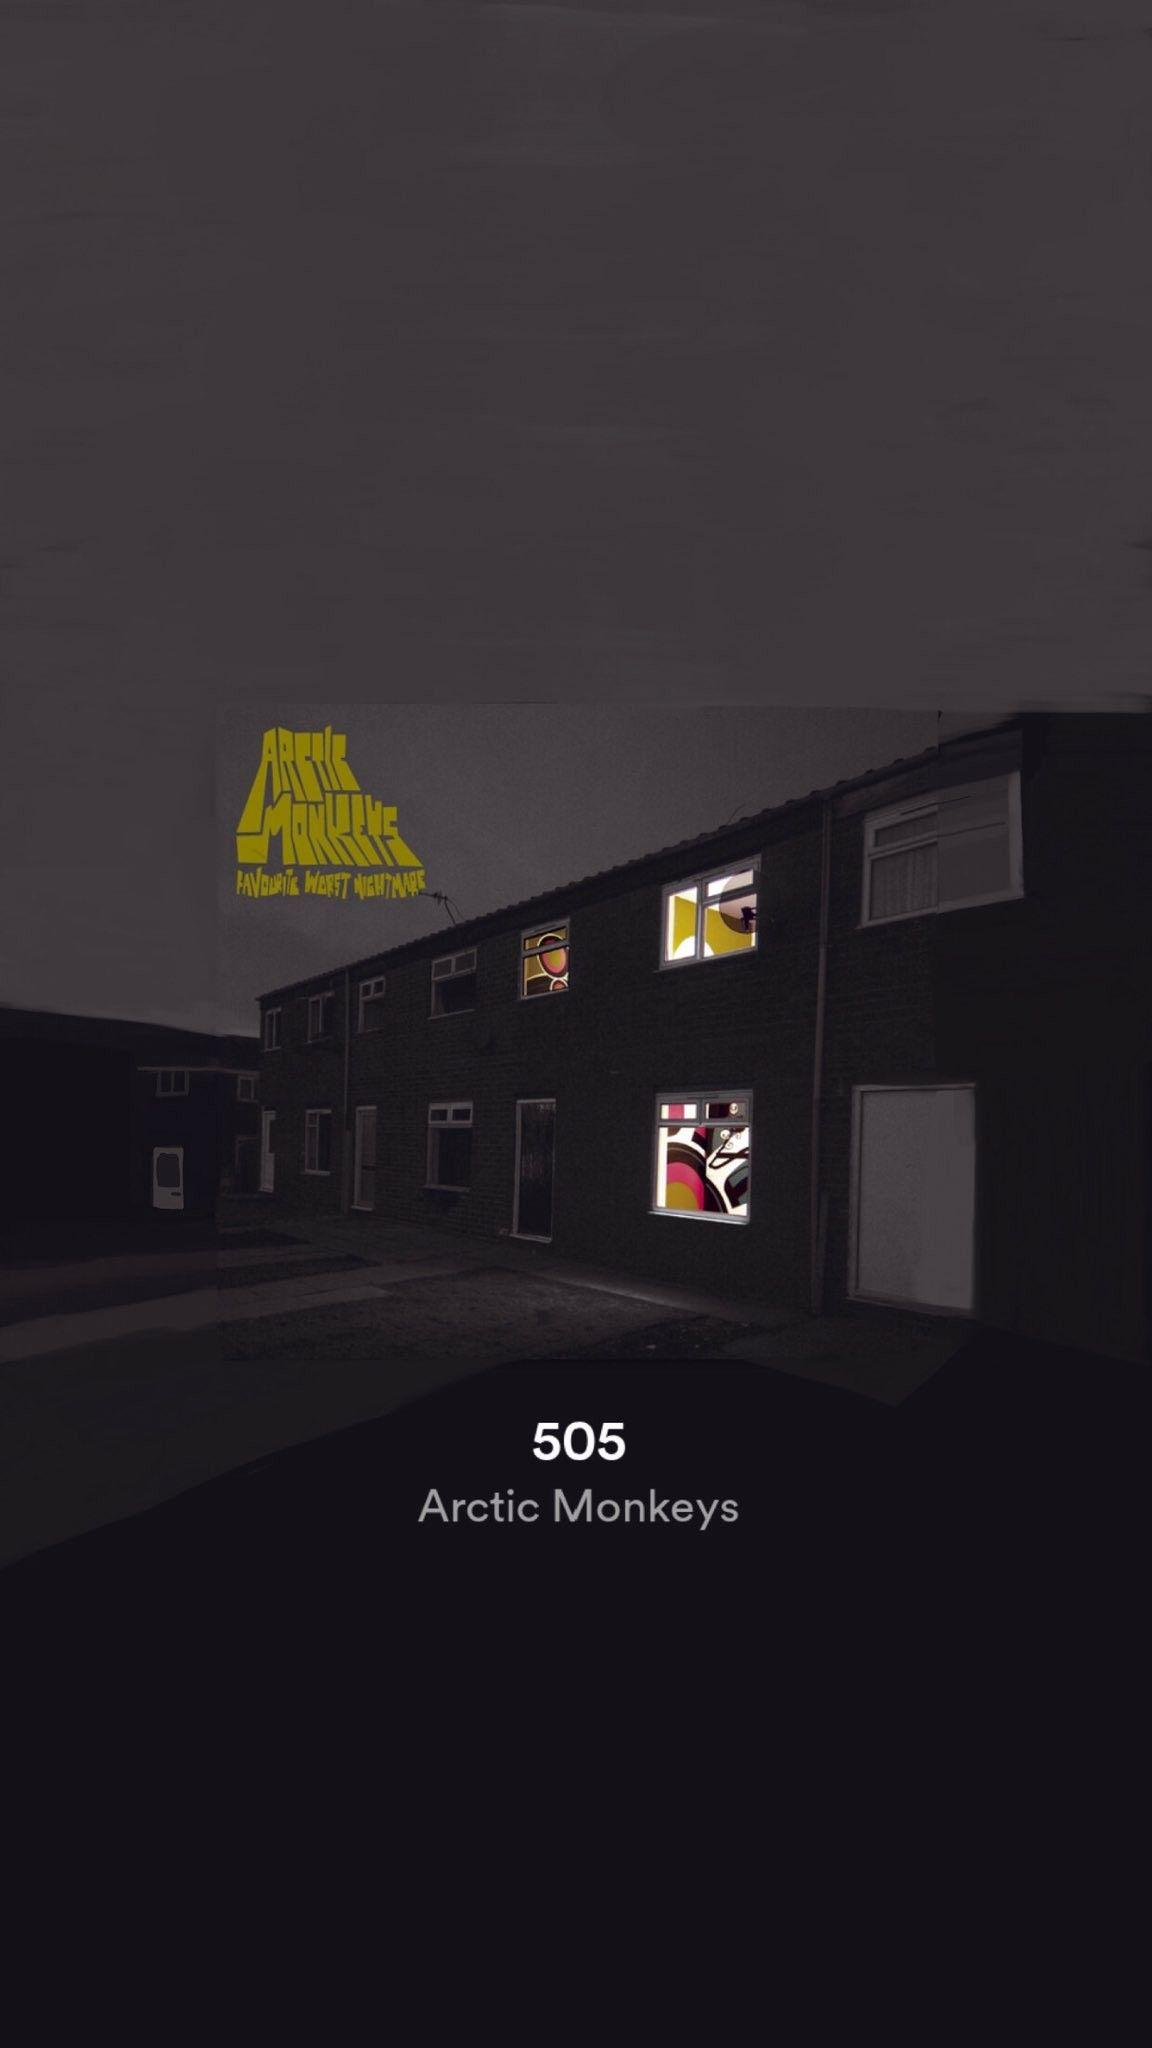 Meg 127 Day On Twitter Arctic Monkeys Wallpaper Arctic Monkeys Arctic Monkeys Lyrics